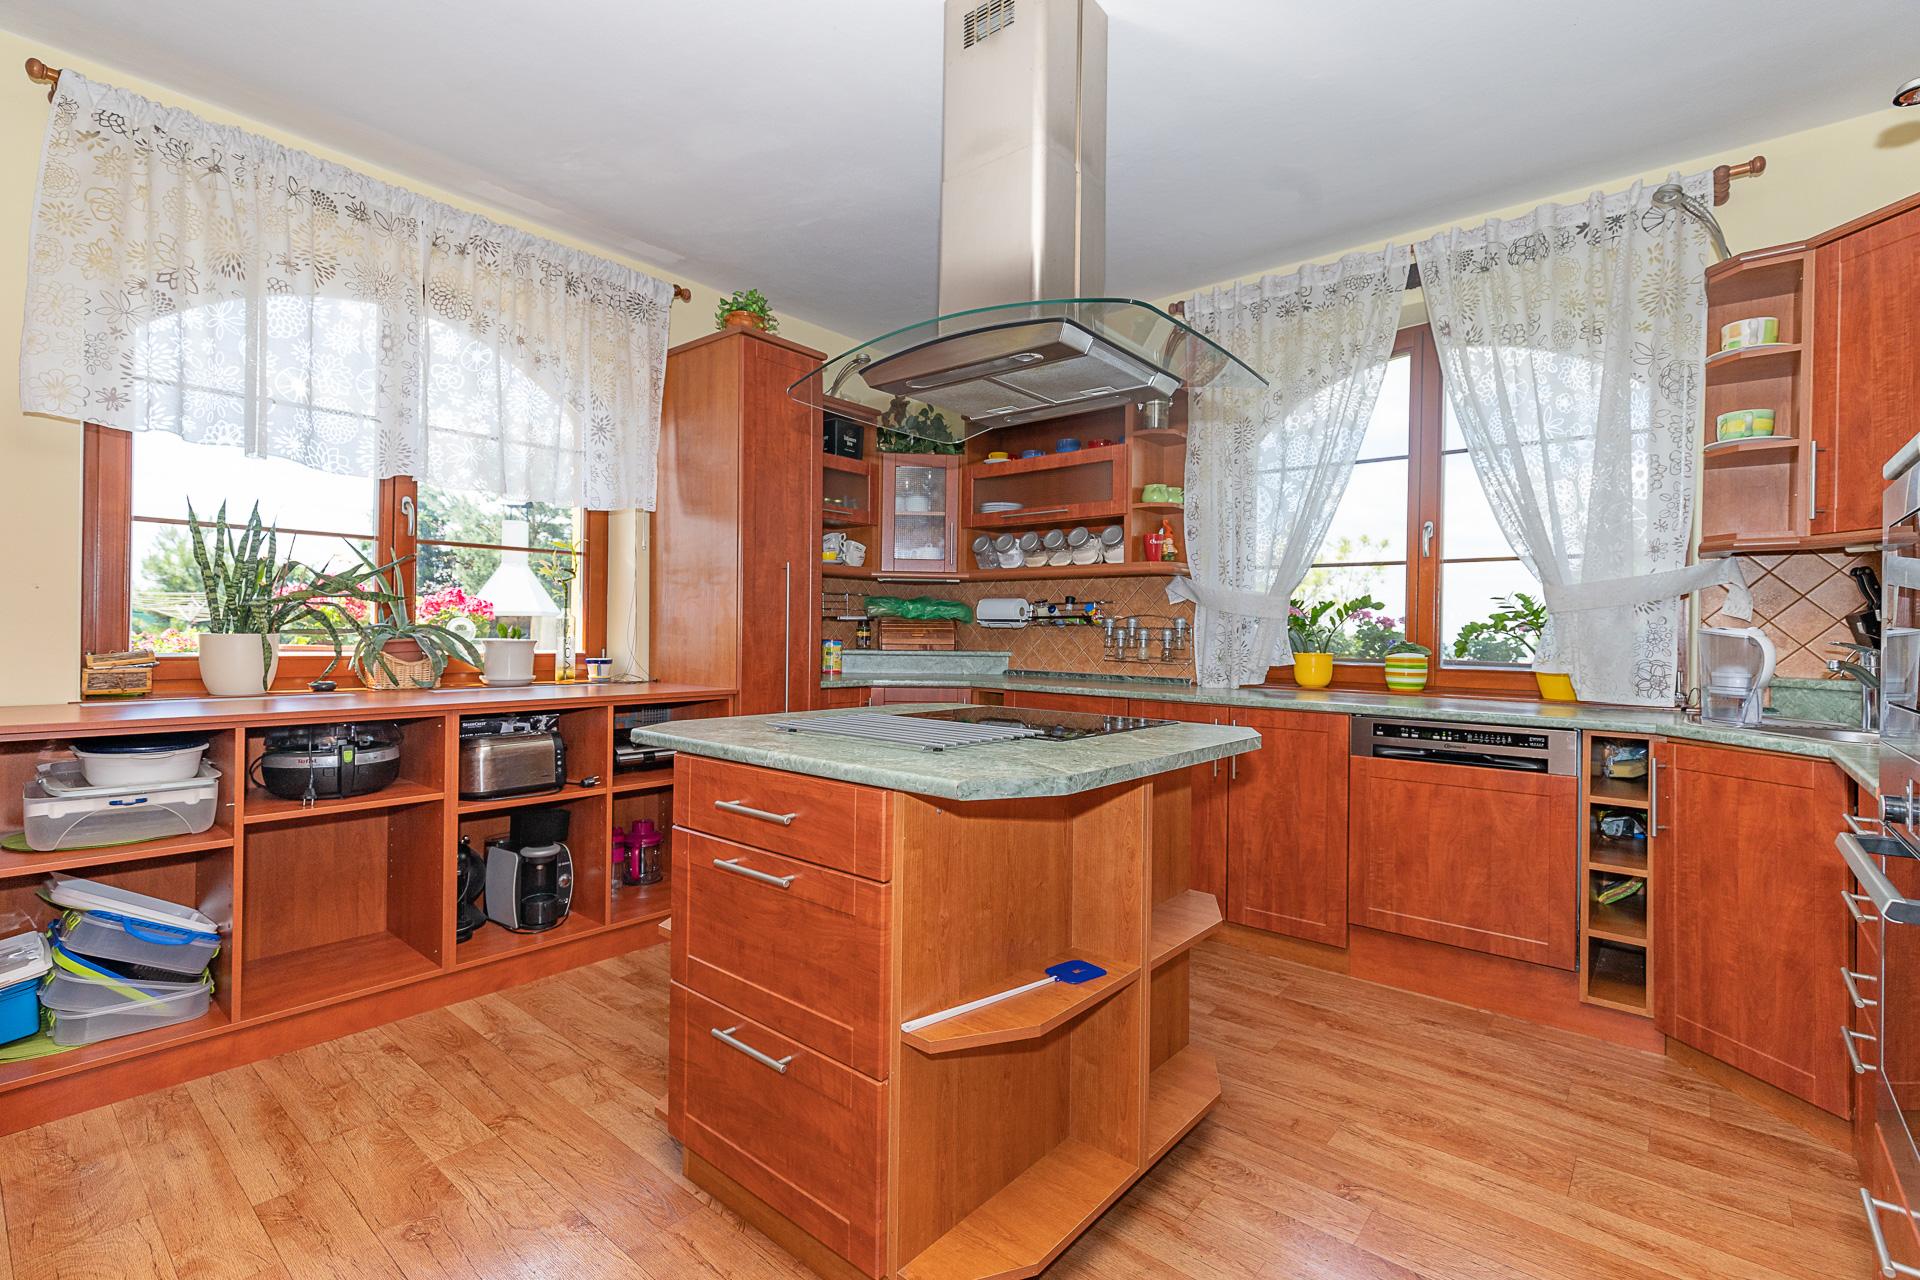 kuchyňský kout s ostrůvkem a okny